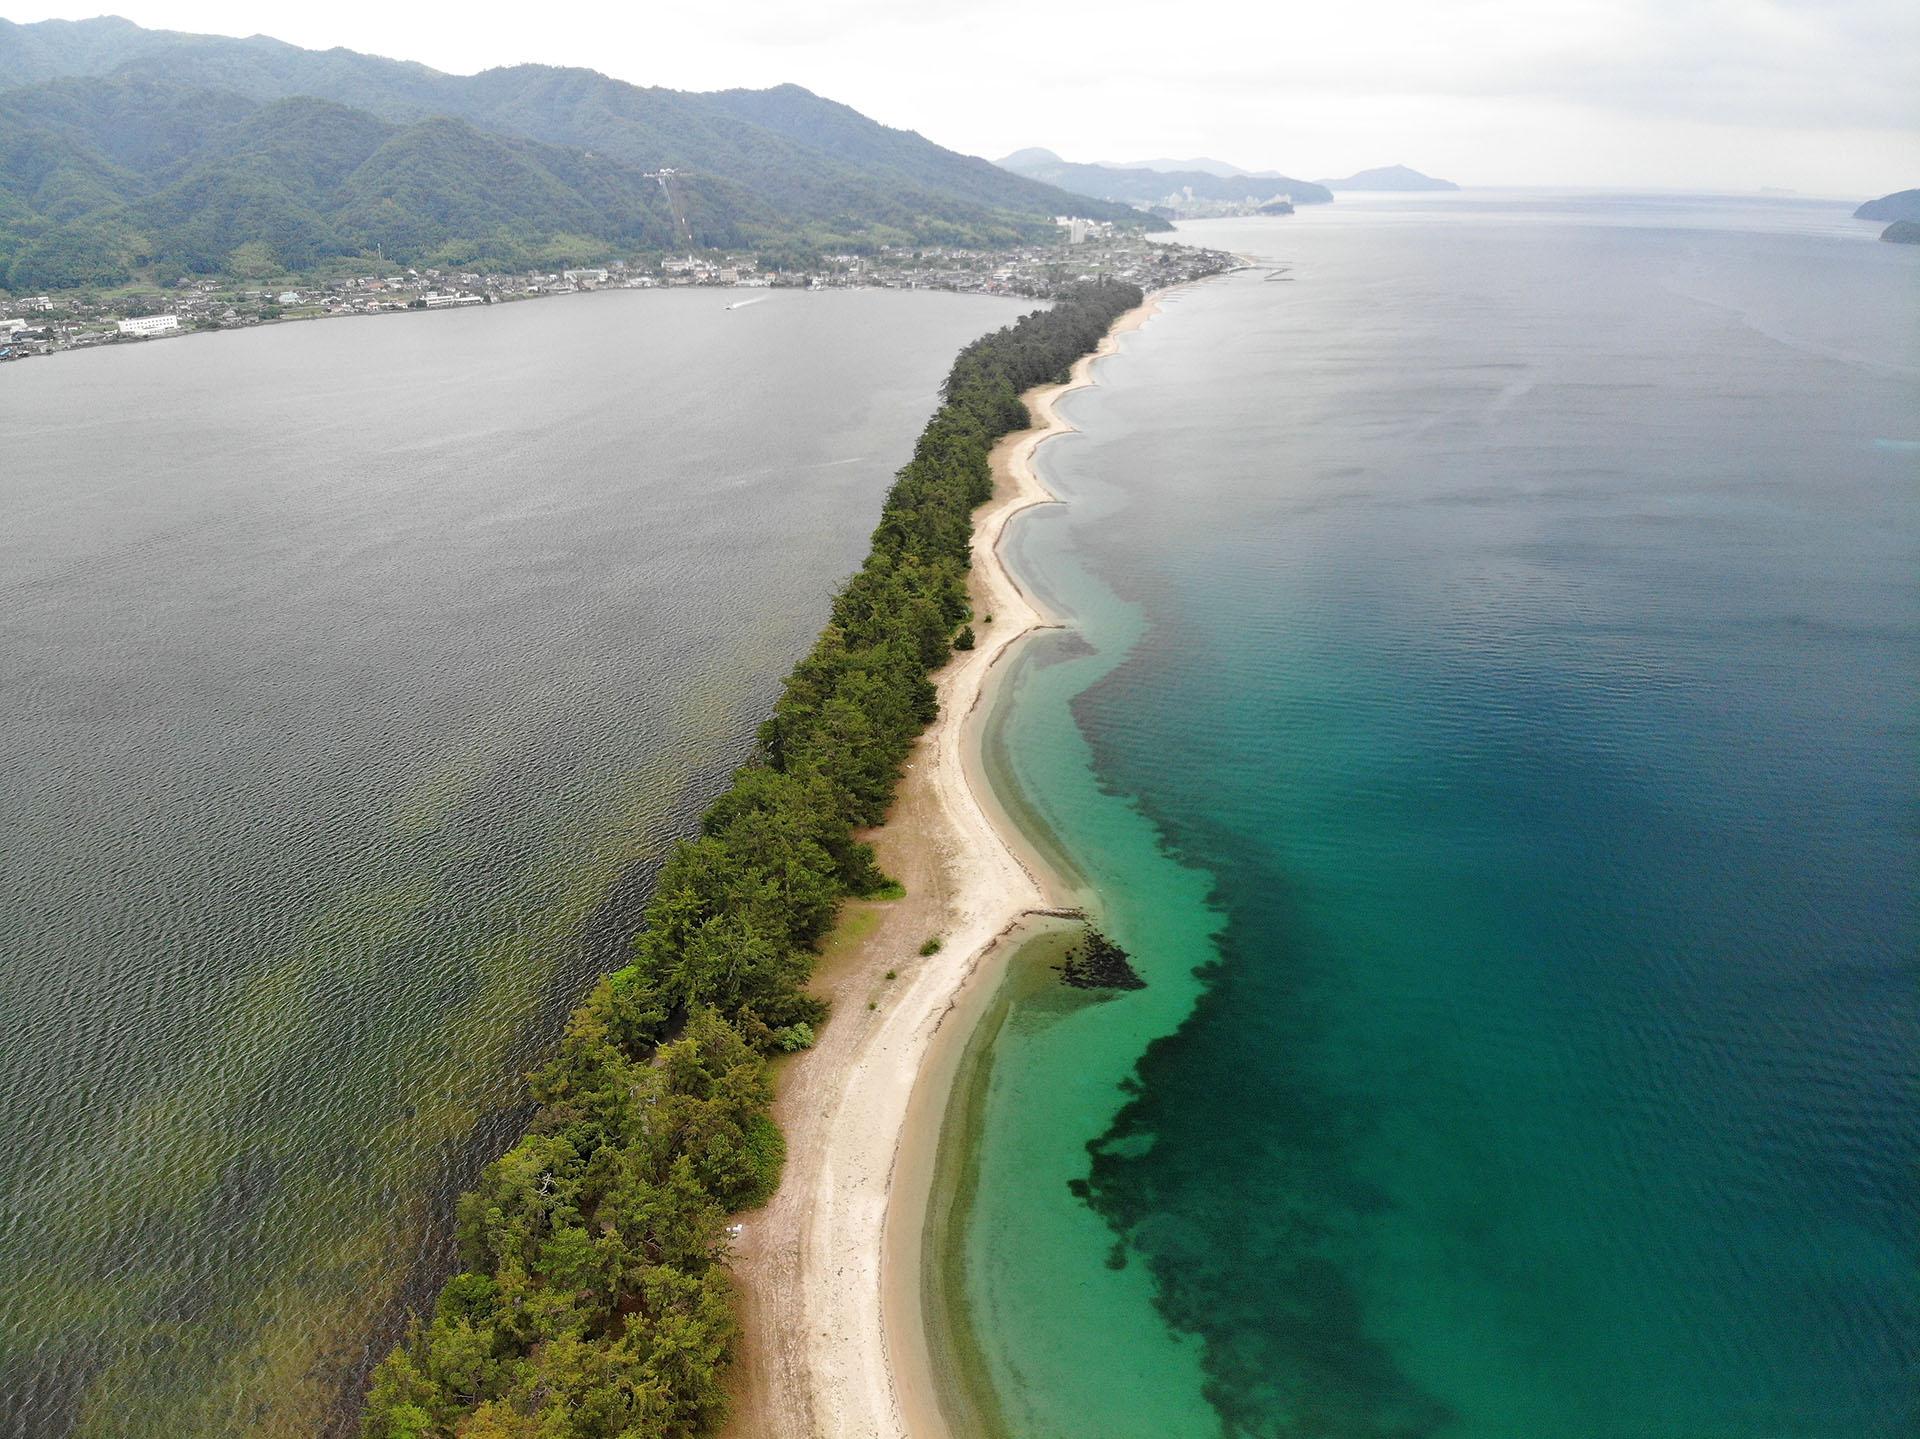 Este hermoso banco de arena rodeado de pinos es una pequeña joya en el norte de Kioto que se extiende a lo largo de casi 4 kilómetros